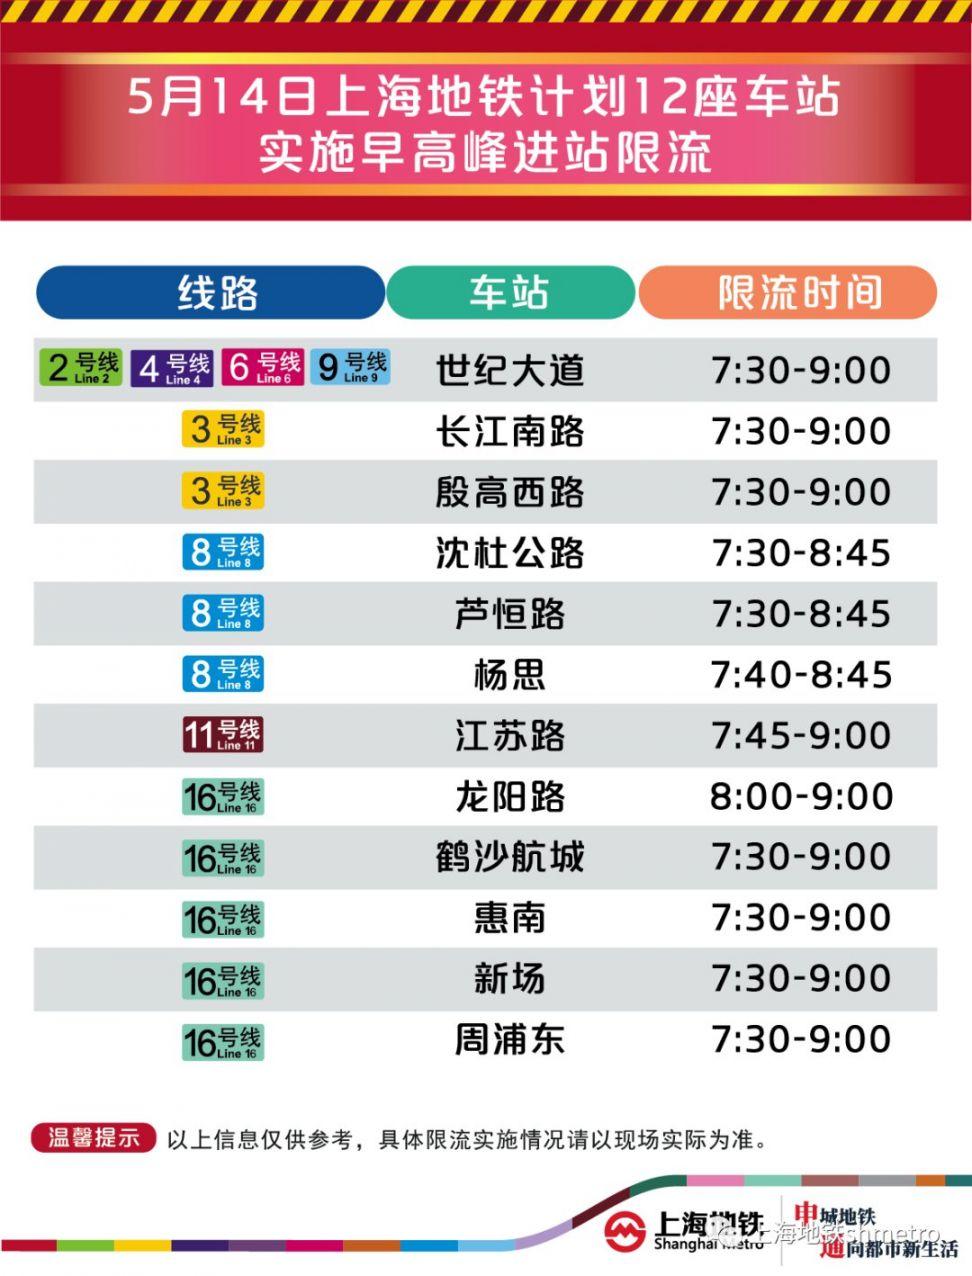 5月14日新葡新京12座地铁站早高峰限流 附舒适度预告